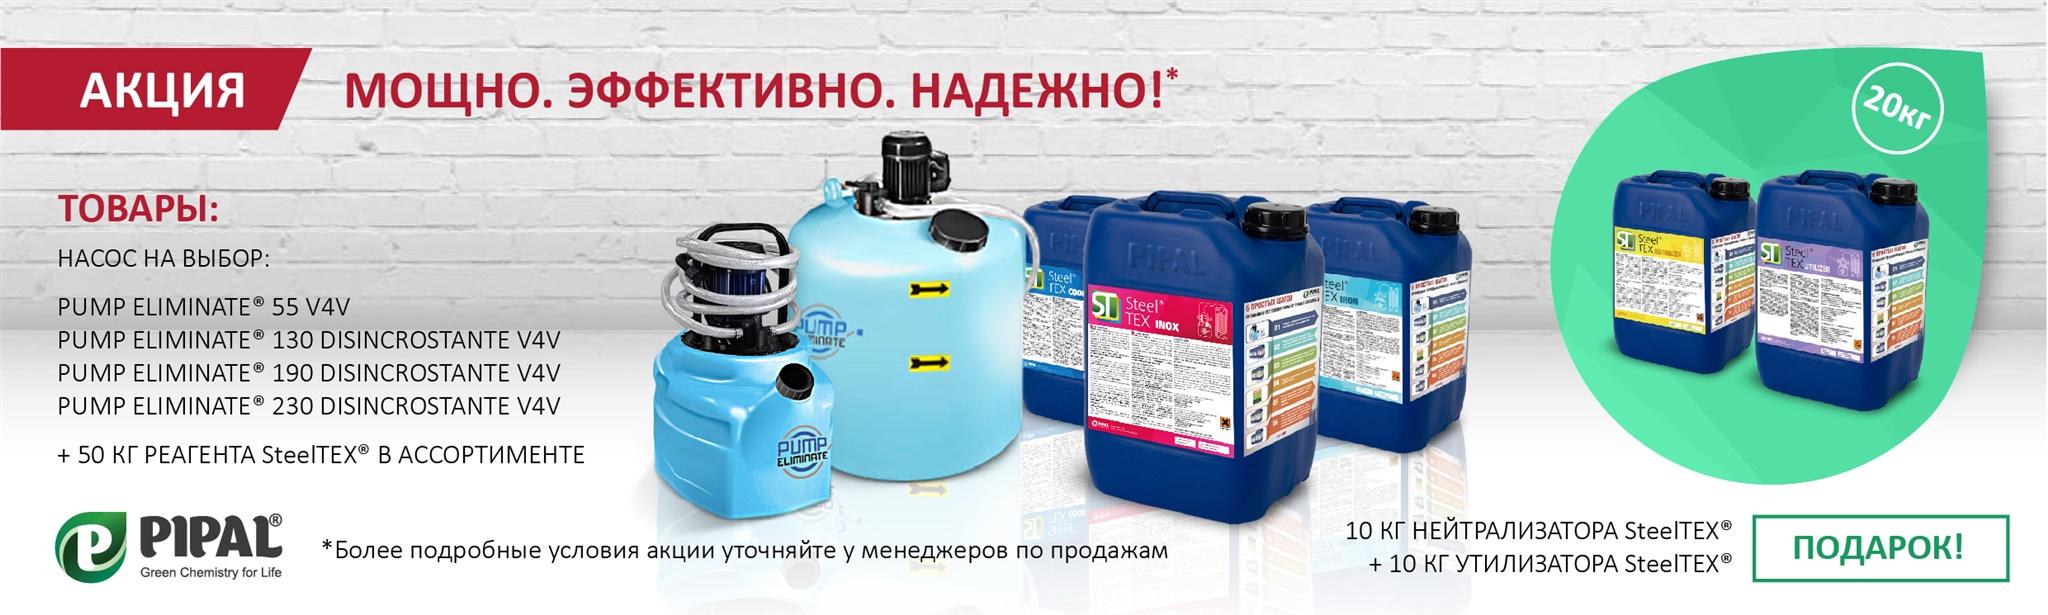 Способы и технология промывки газовых котлов